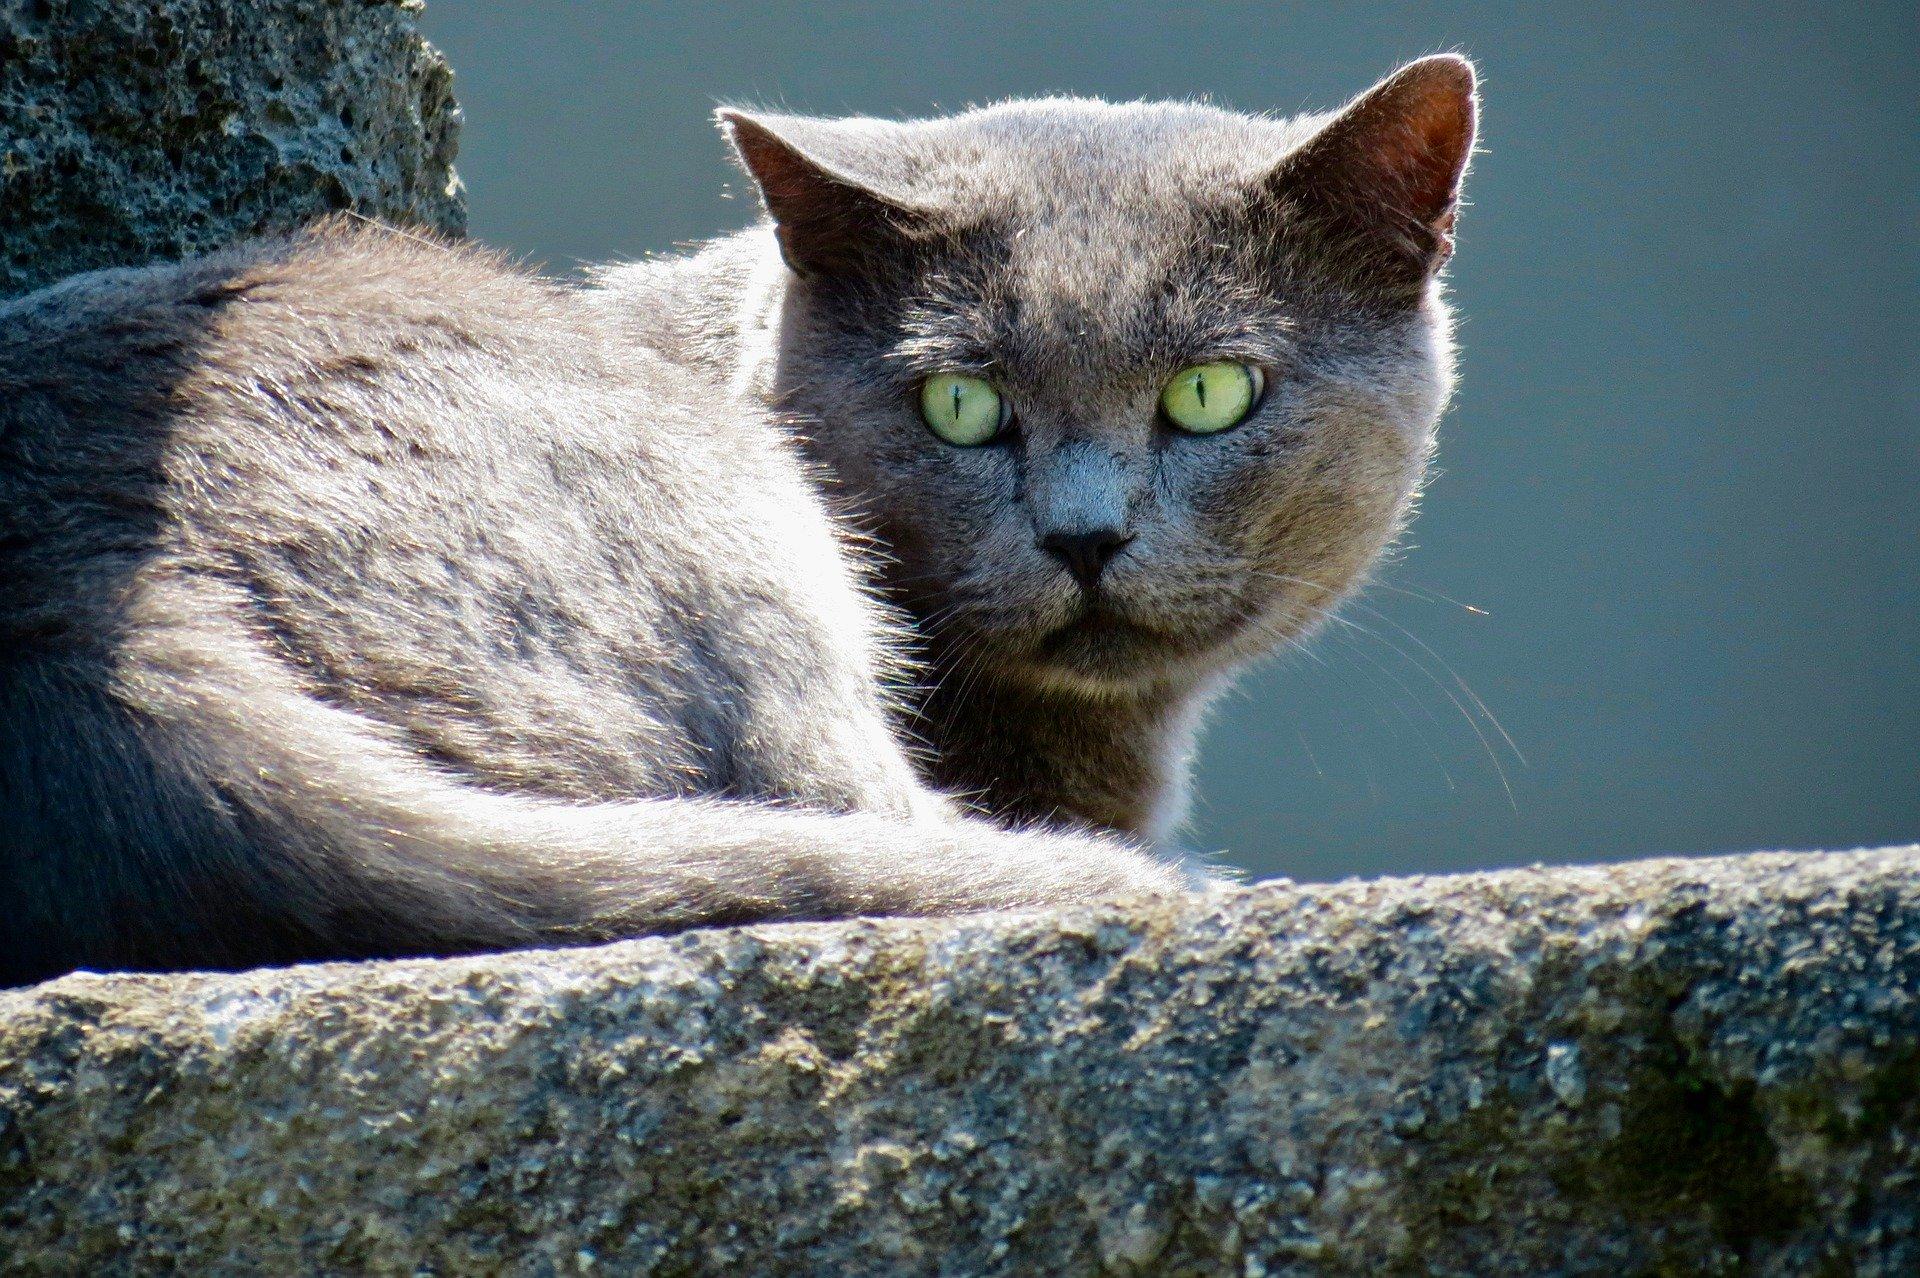 Katzen als Raubtiere können keine Stress- oder Krankheitssymptome zeigen.